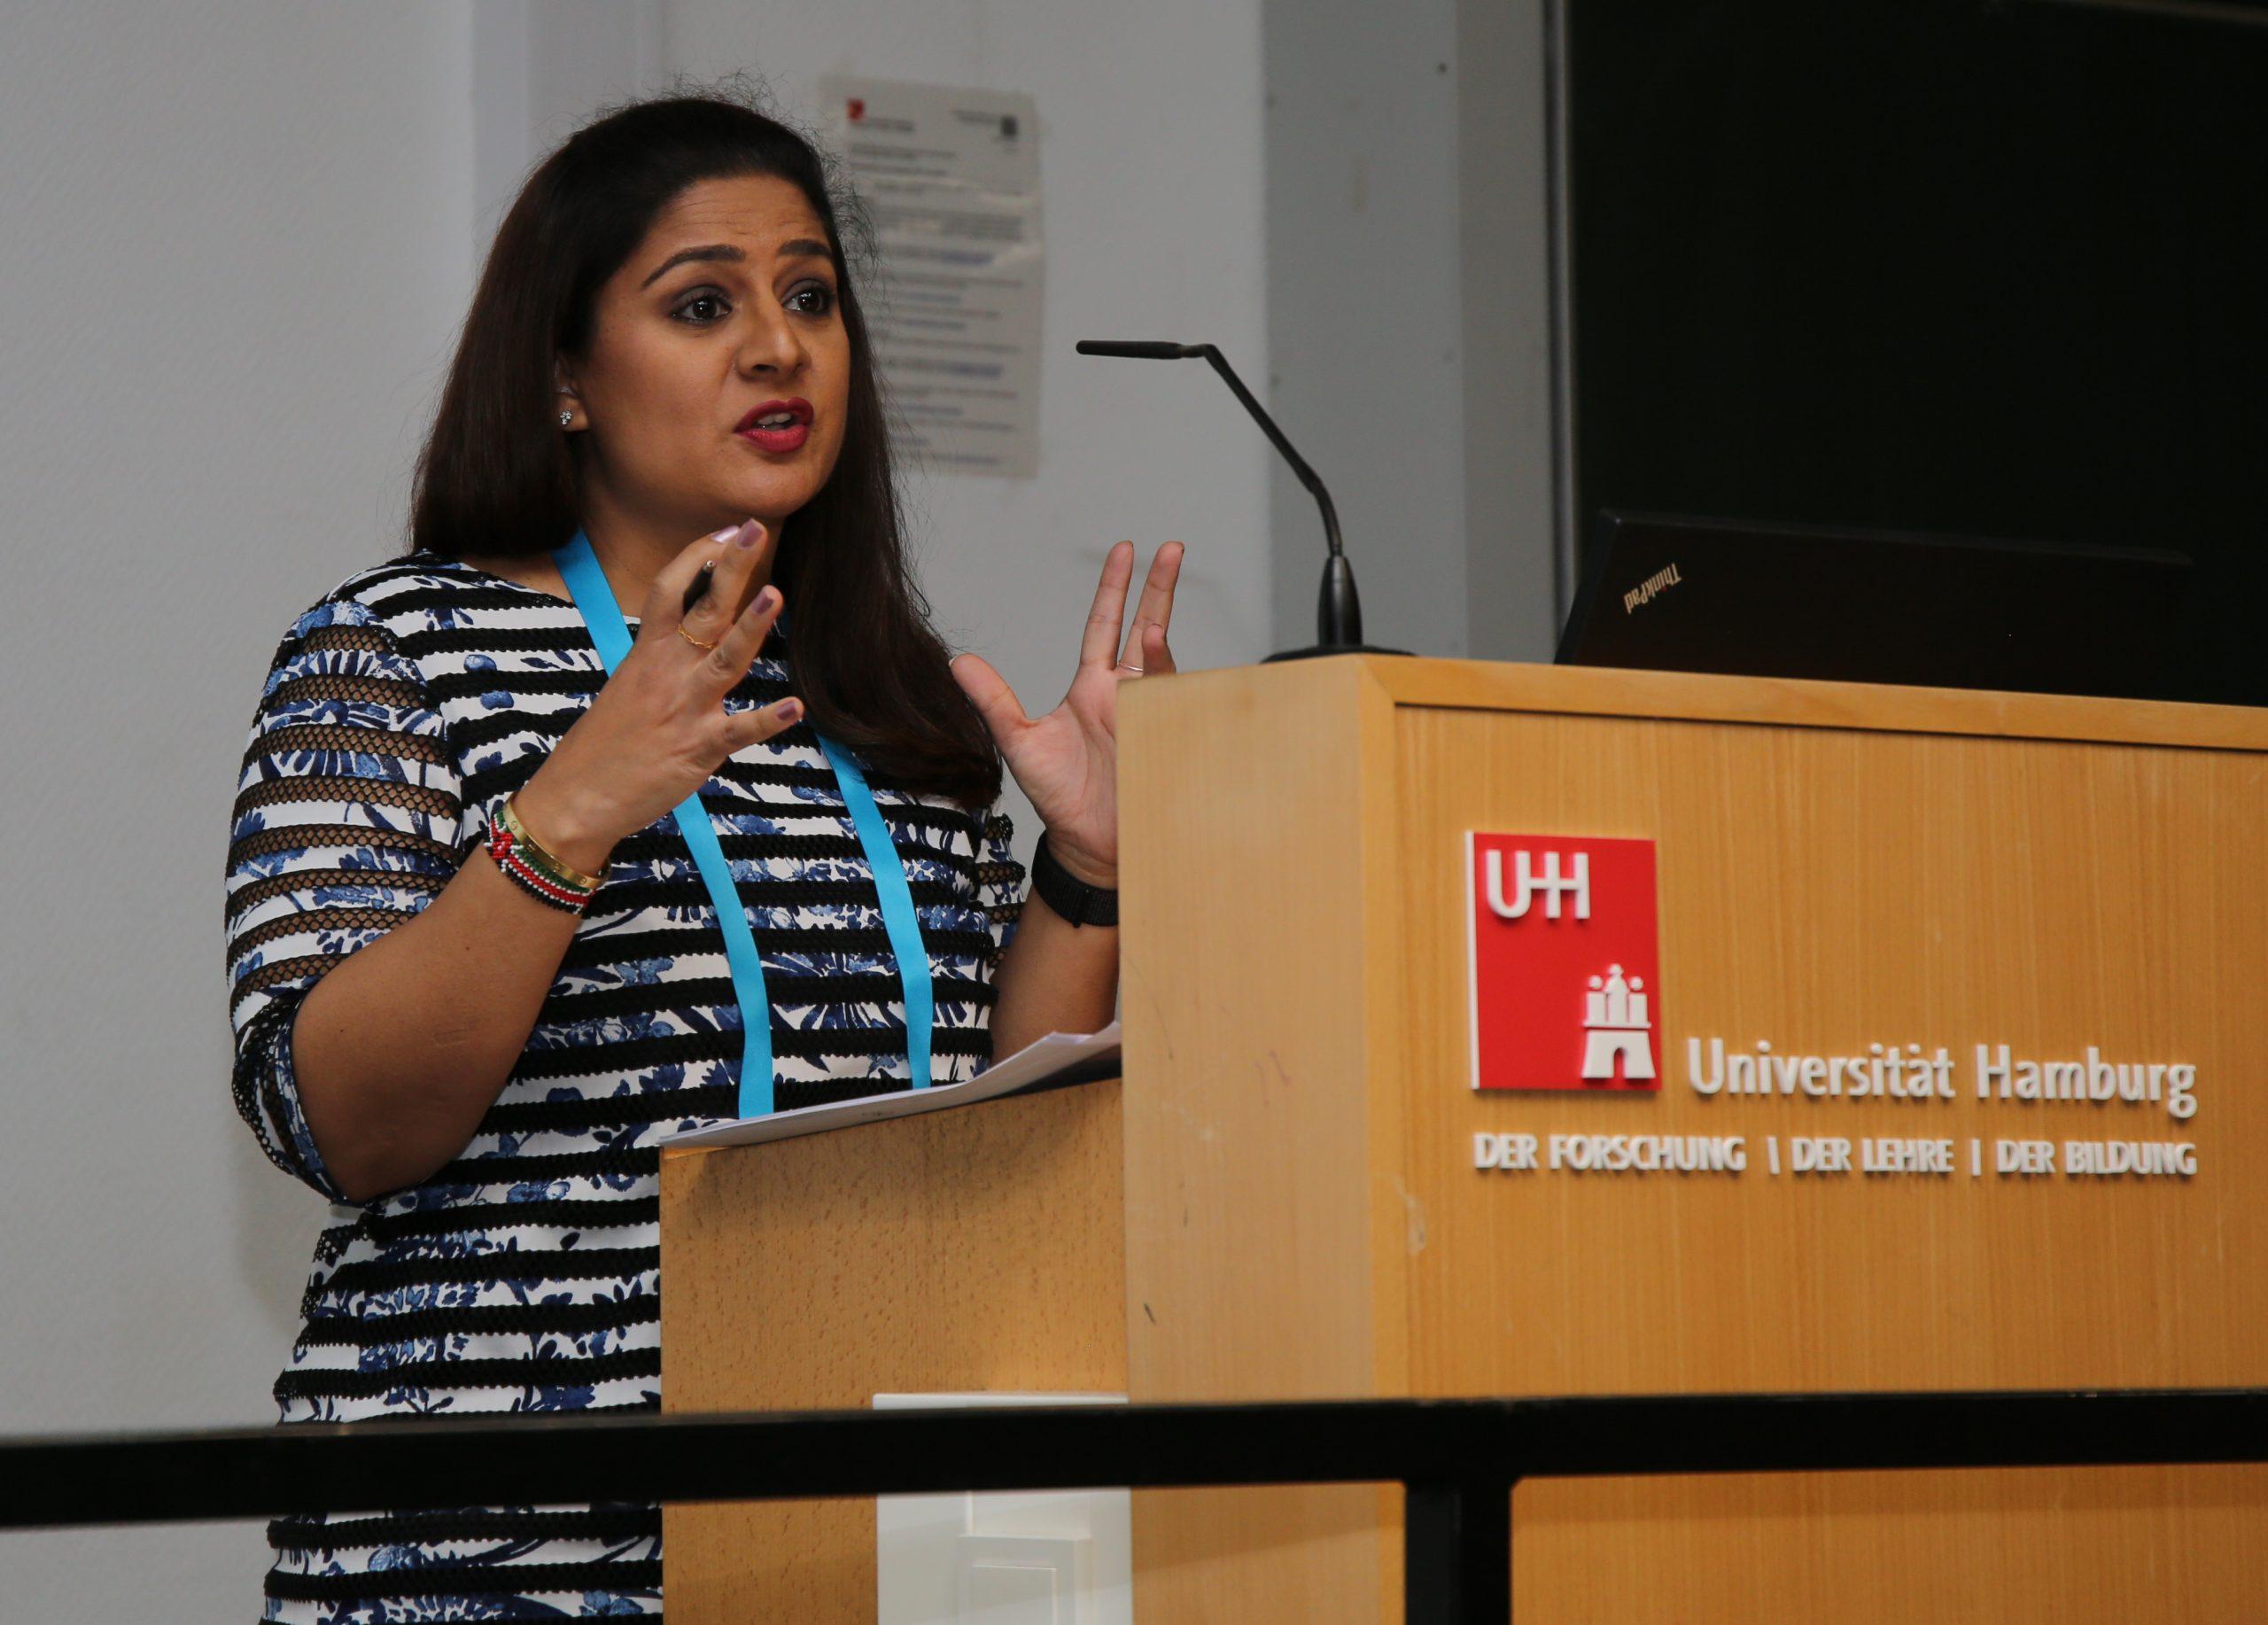 Saneeya Qureshi